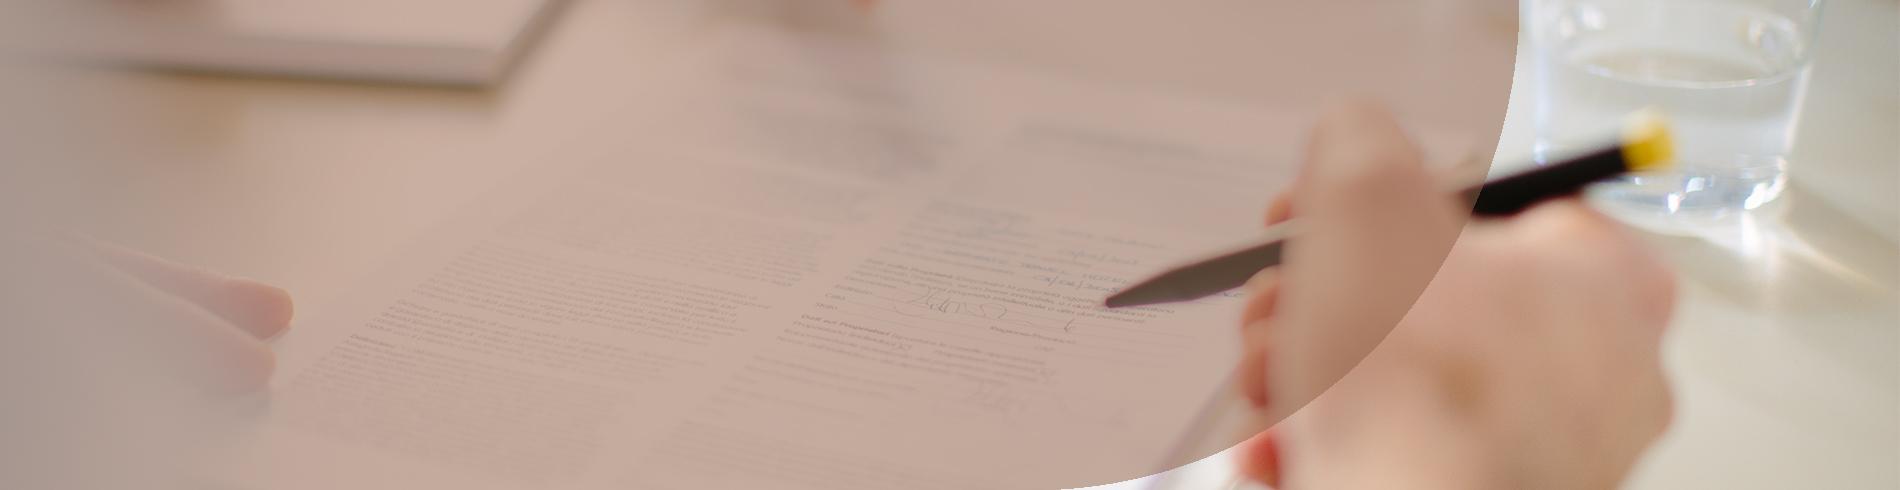 Seguro de protección jurídica familiar